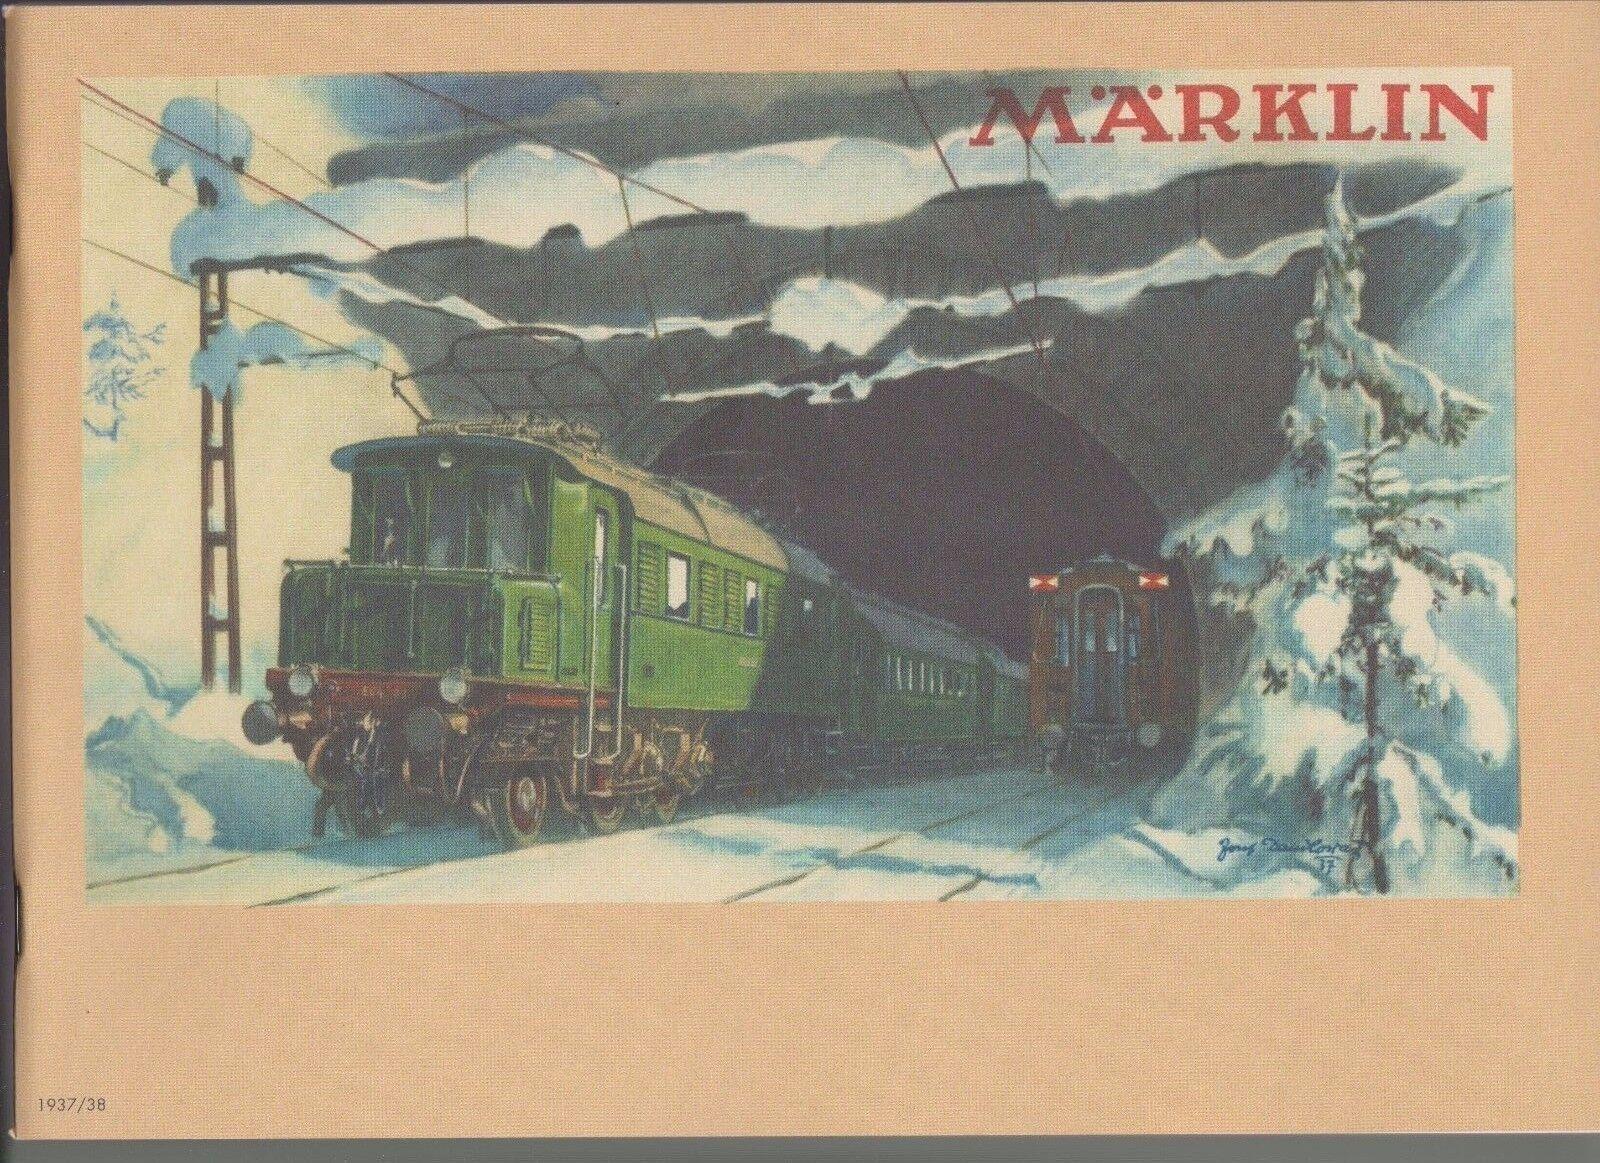 Märklin-Katalog   1937 38  - Reprint -